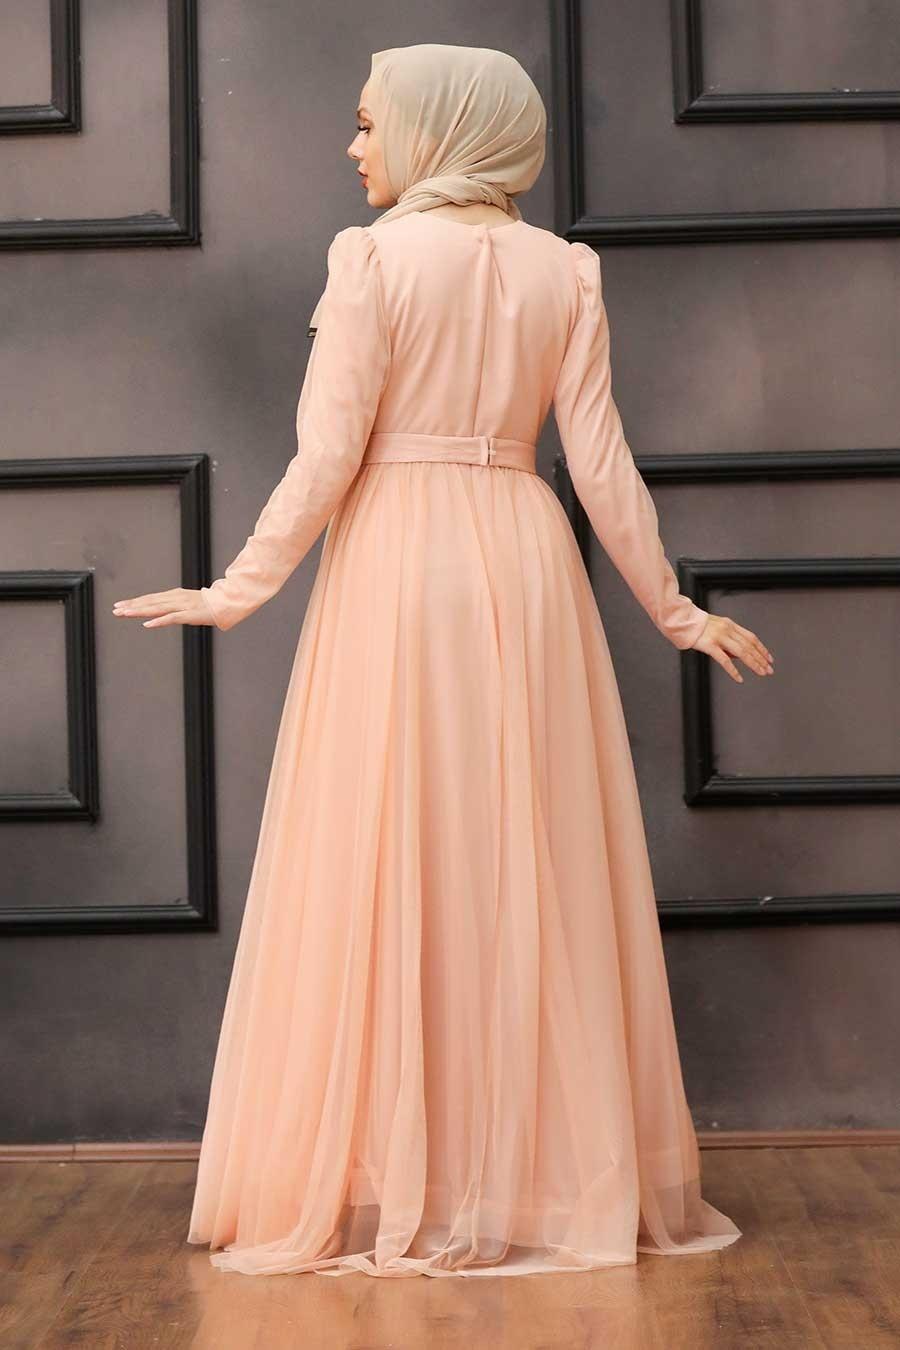 Tesettürlü Abiye Elbise - Tüy Detaylı Somon Tesettür Abiye Elbise 23341SMN